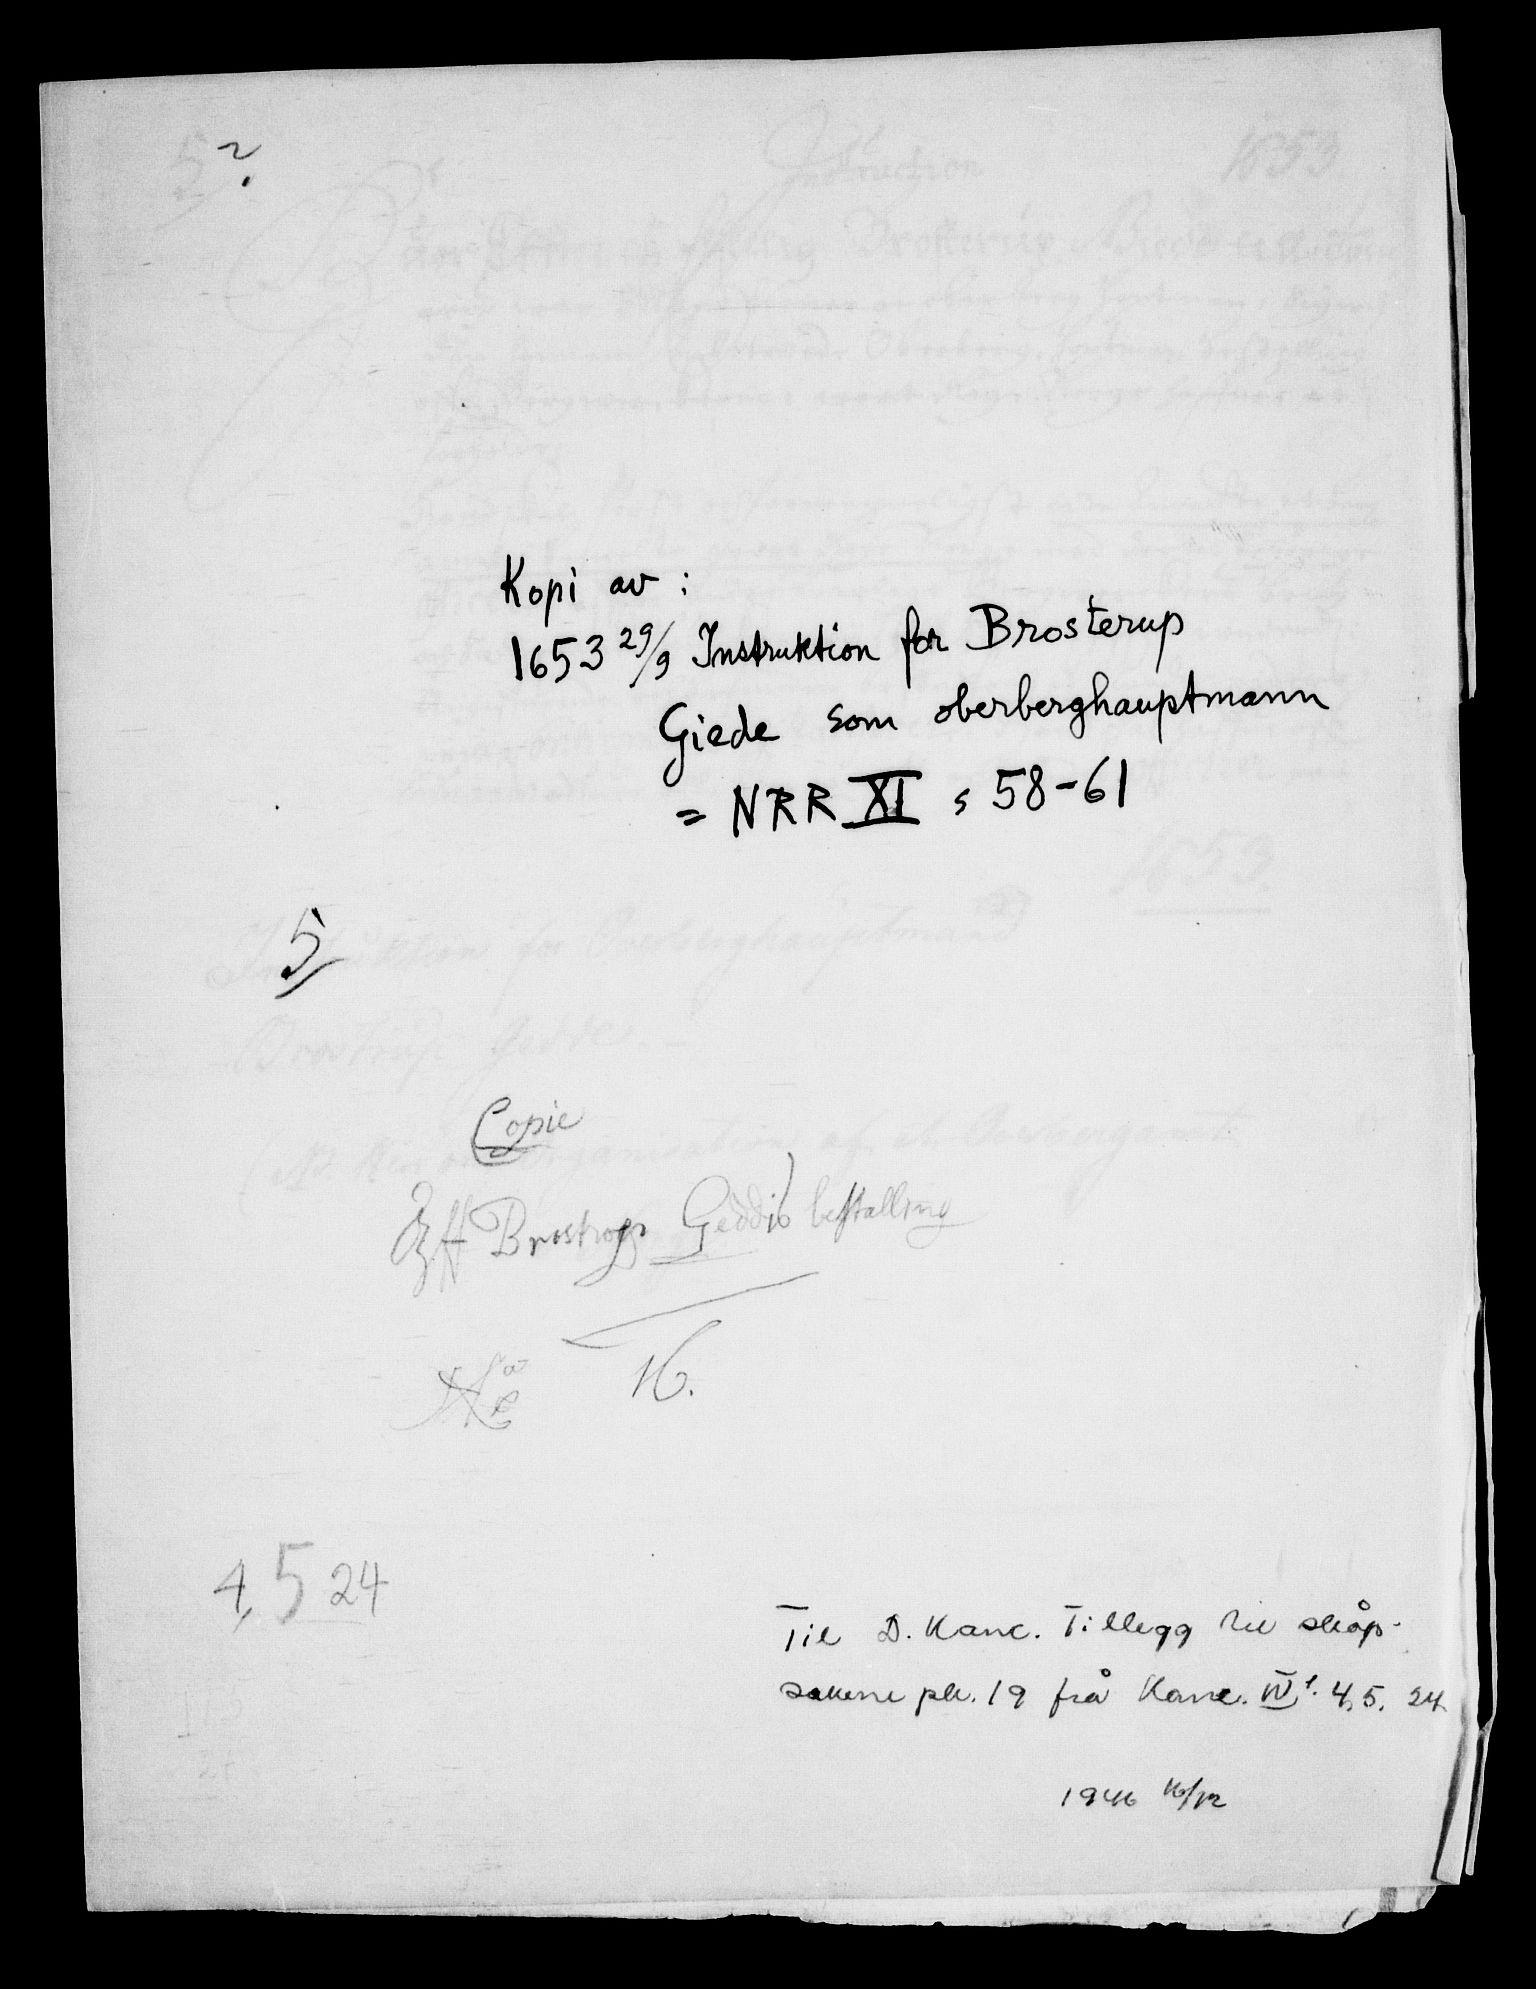 RA, Danske Kanselli, Skapsaker, G/L0019: Tillegg til skapsakene, 1616-1753, p. 189